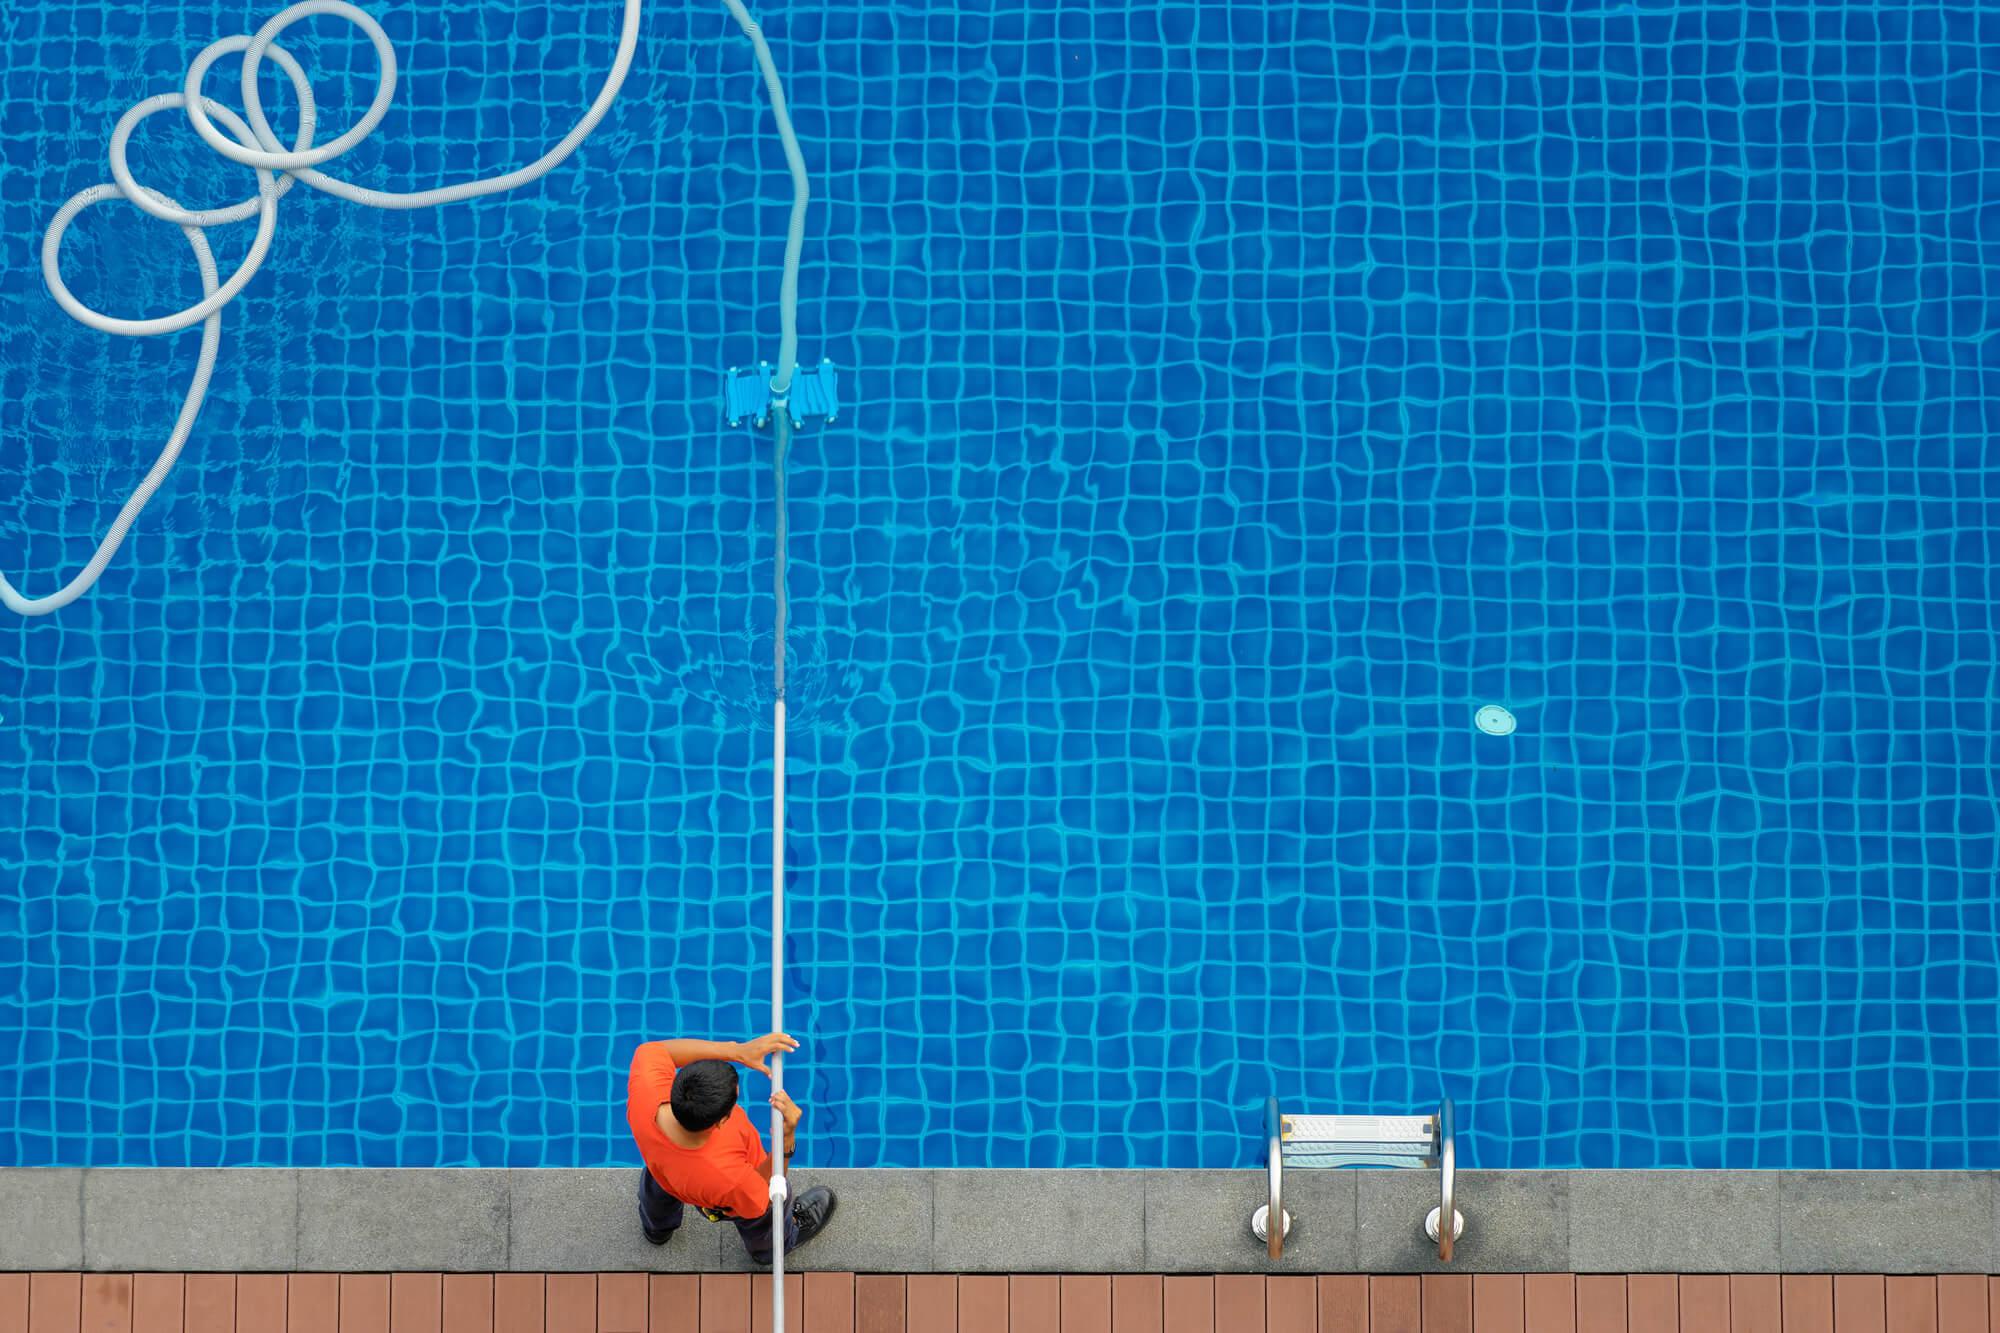 Aspirador de piscina qual a vantagem de utilizar for Aspirador para piscina